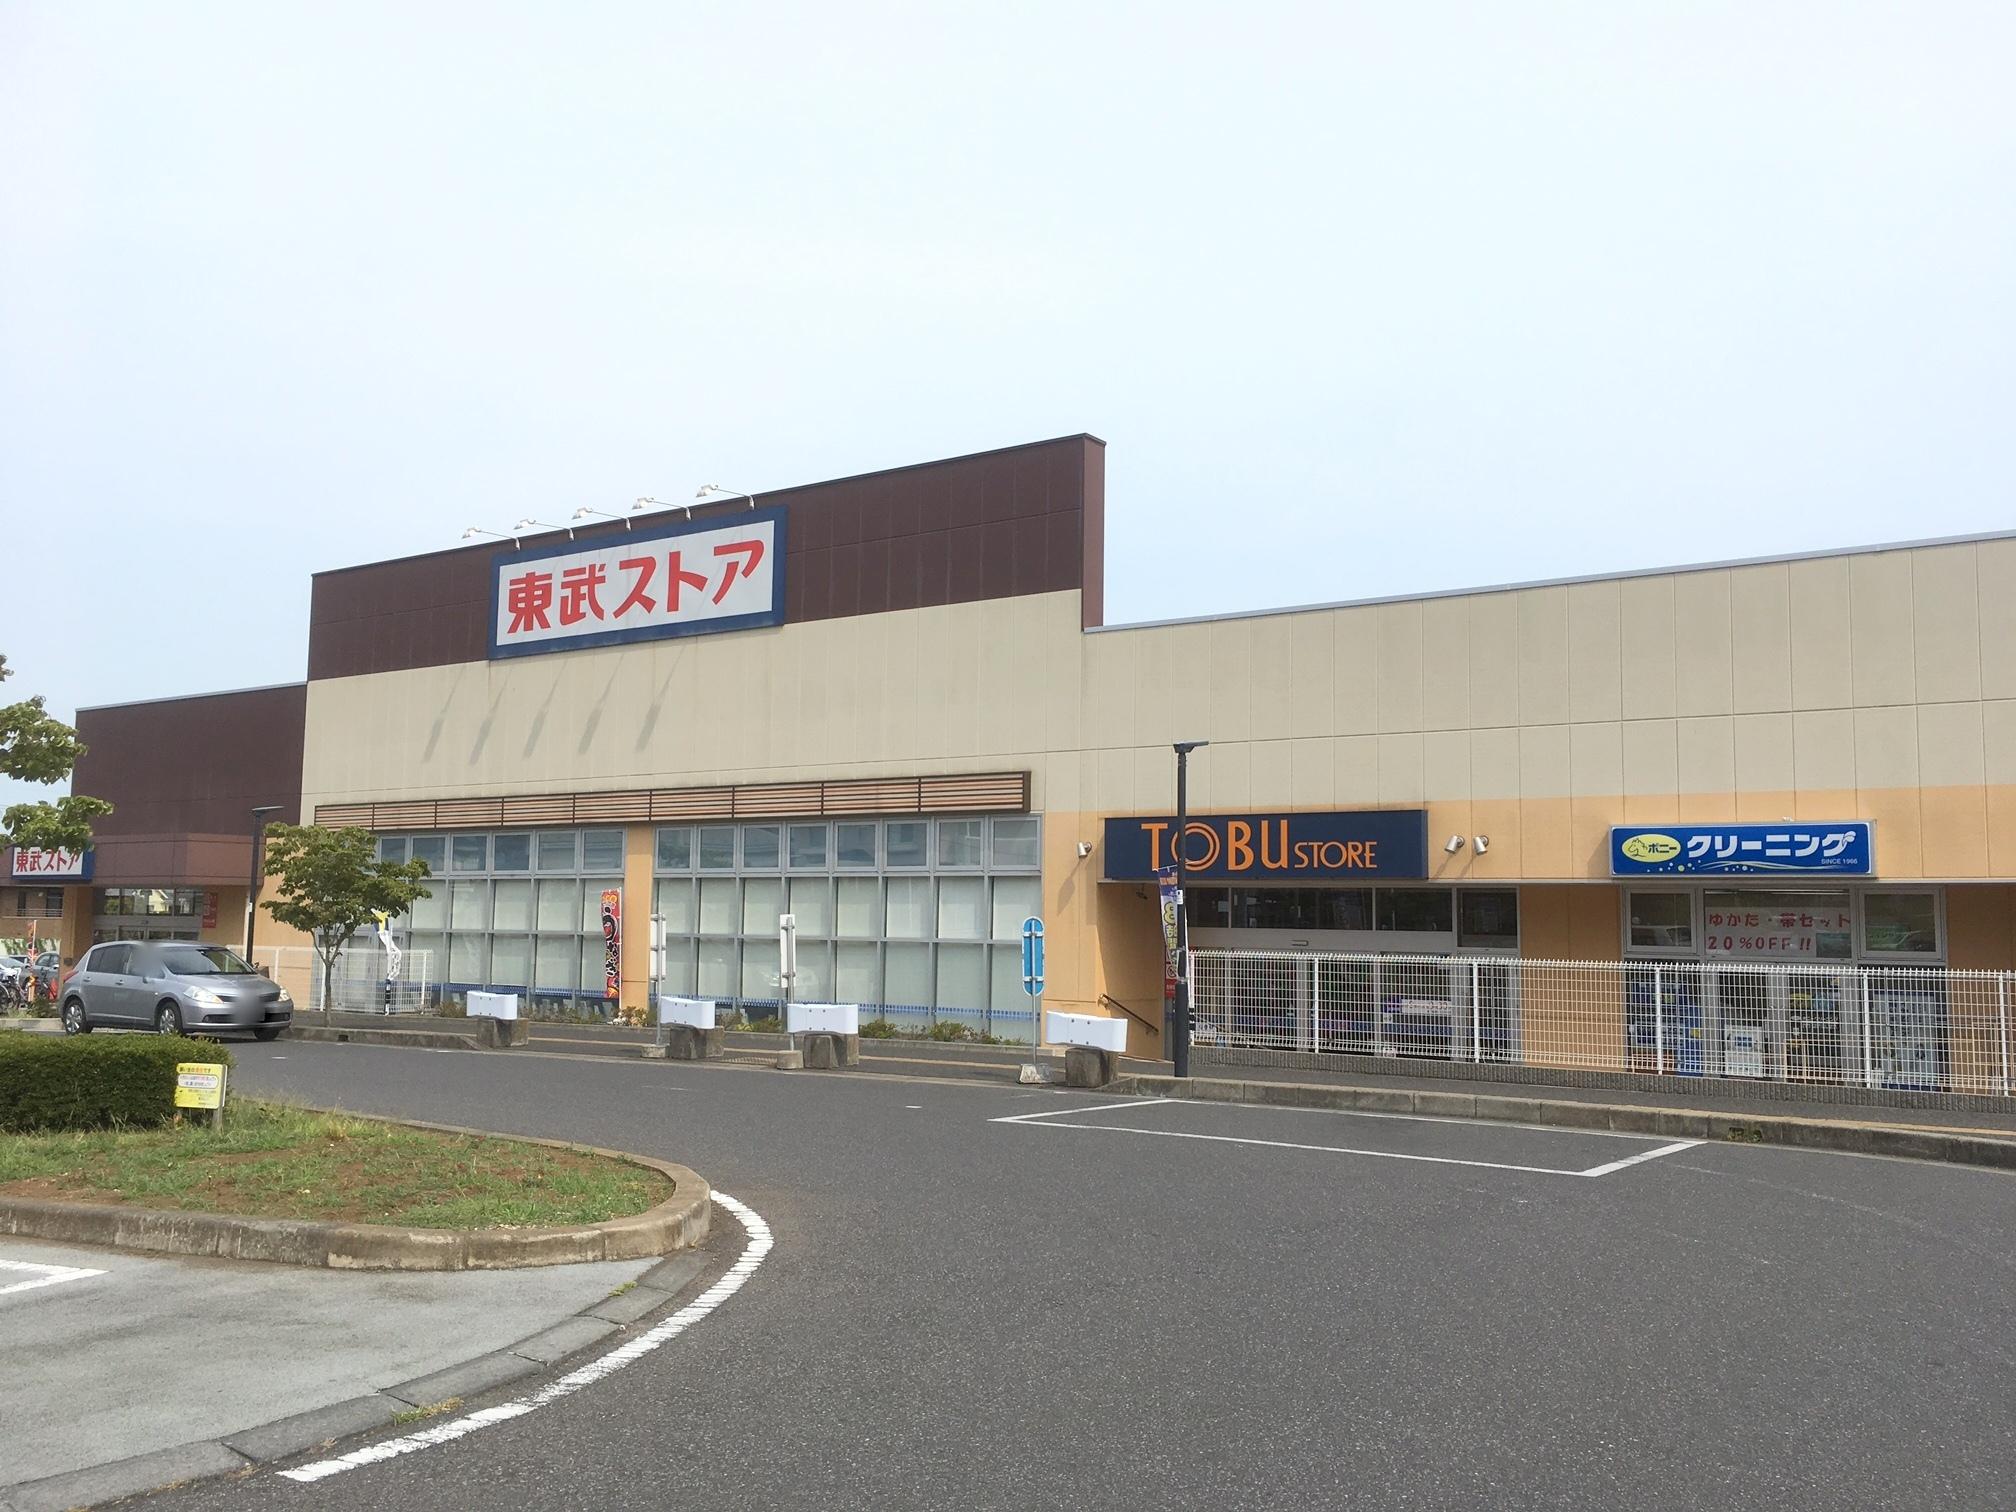 スーパー:東武ストア逆井店 444m